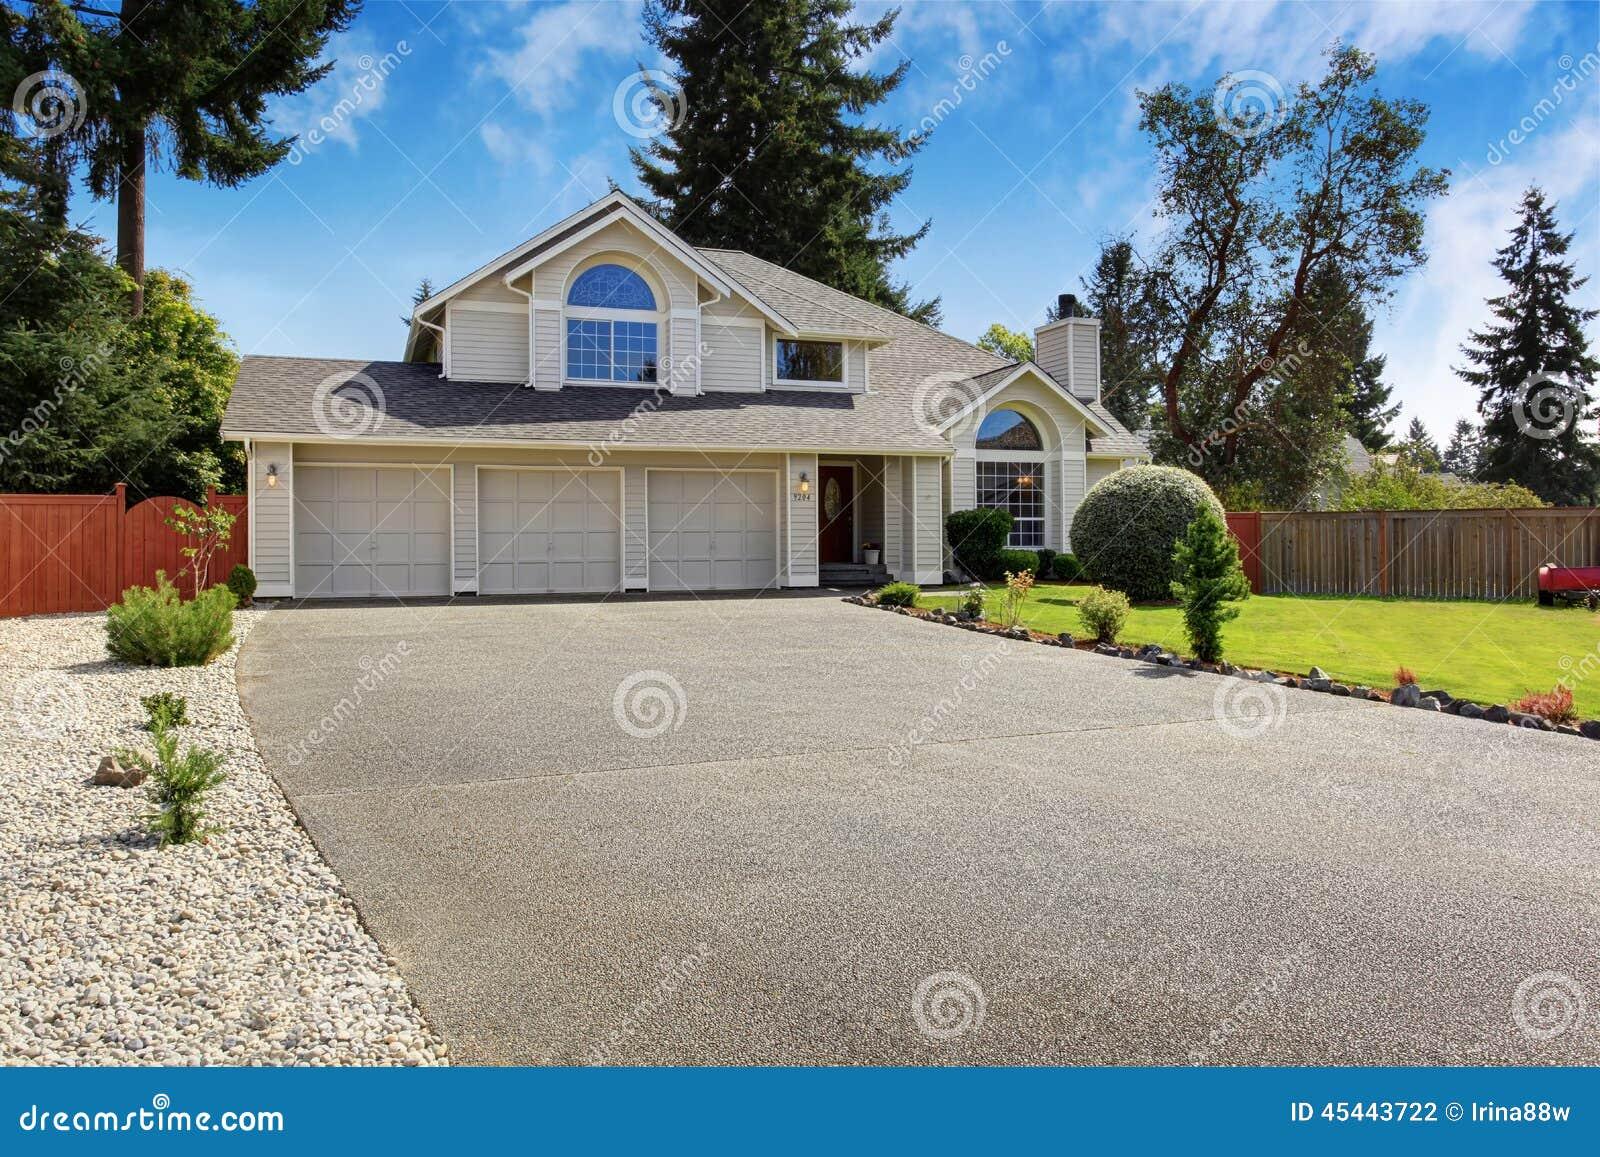 Schönes Haus Außen Mit Beschränkungsberufung Stockfoto - Bild von ...